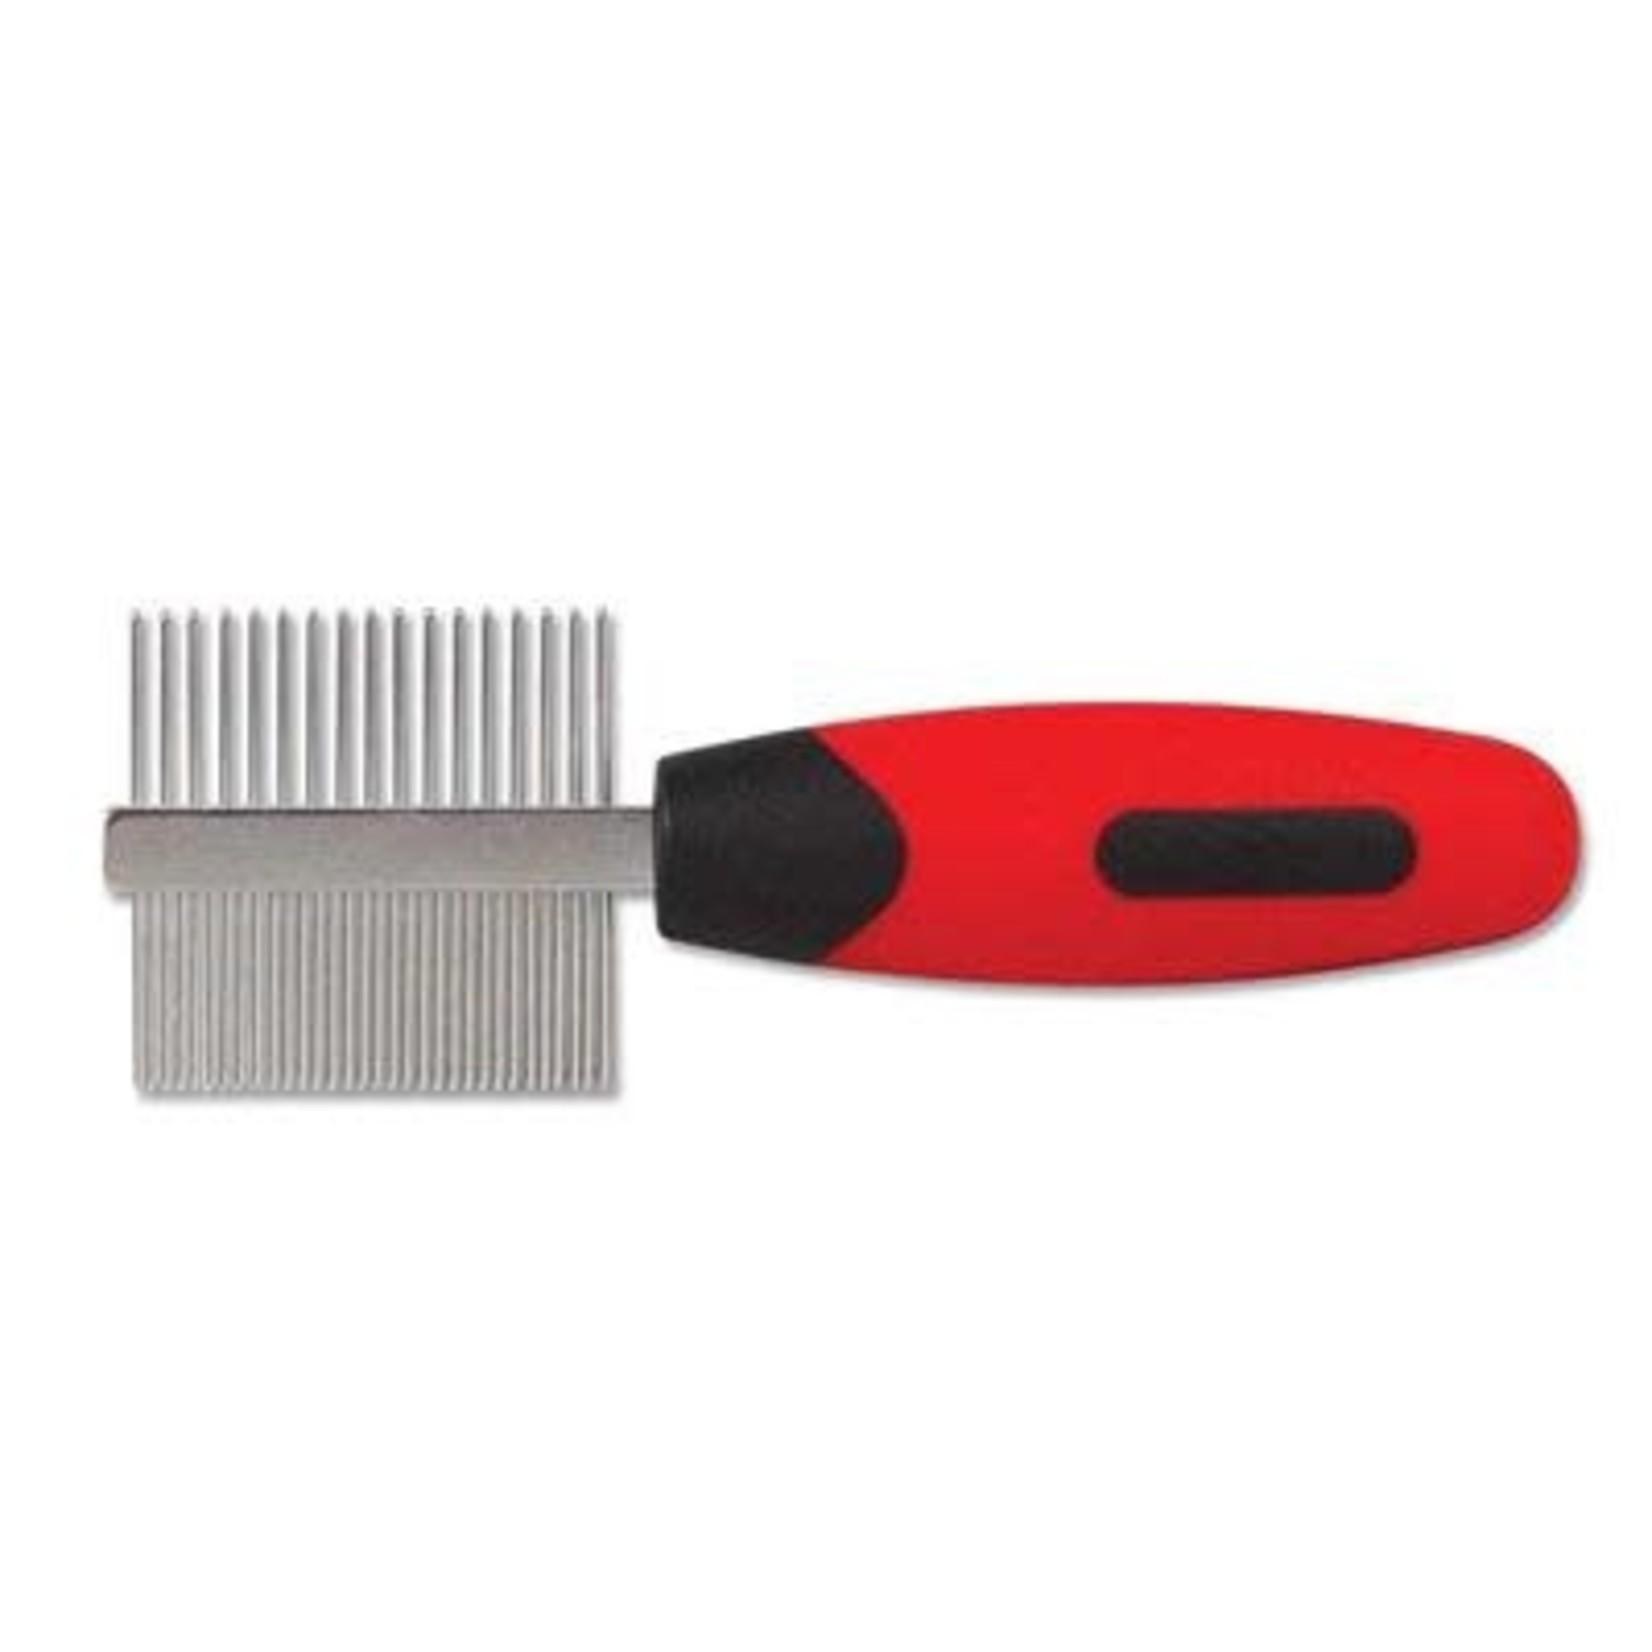 Double Sided Mini Comb Fine & Coarse